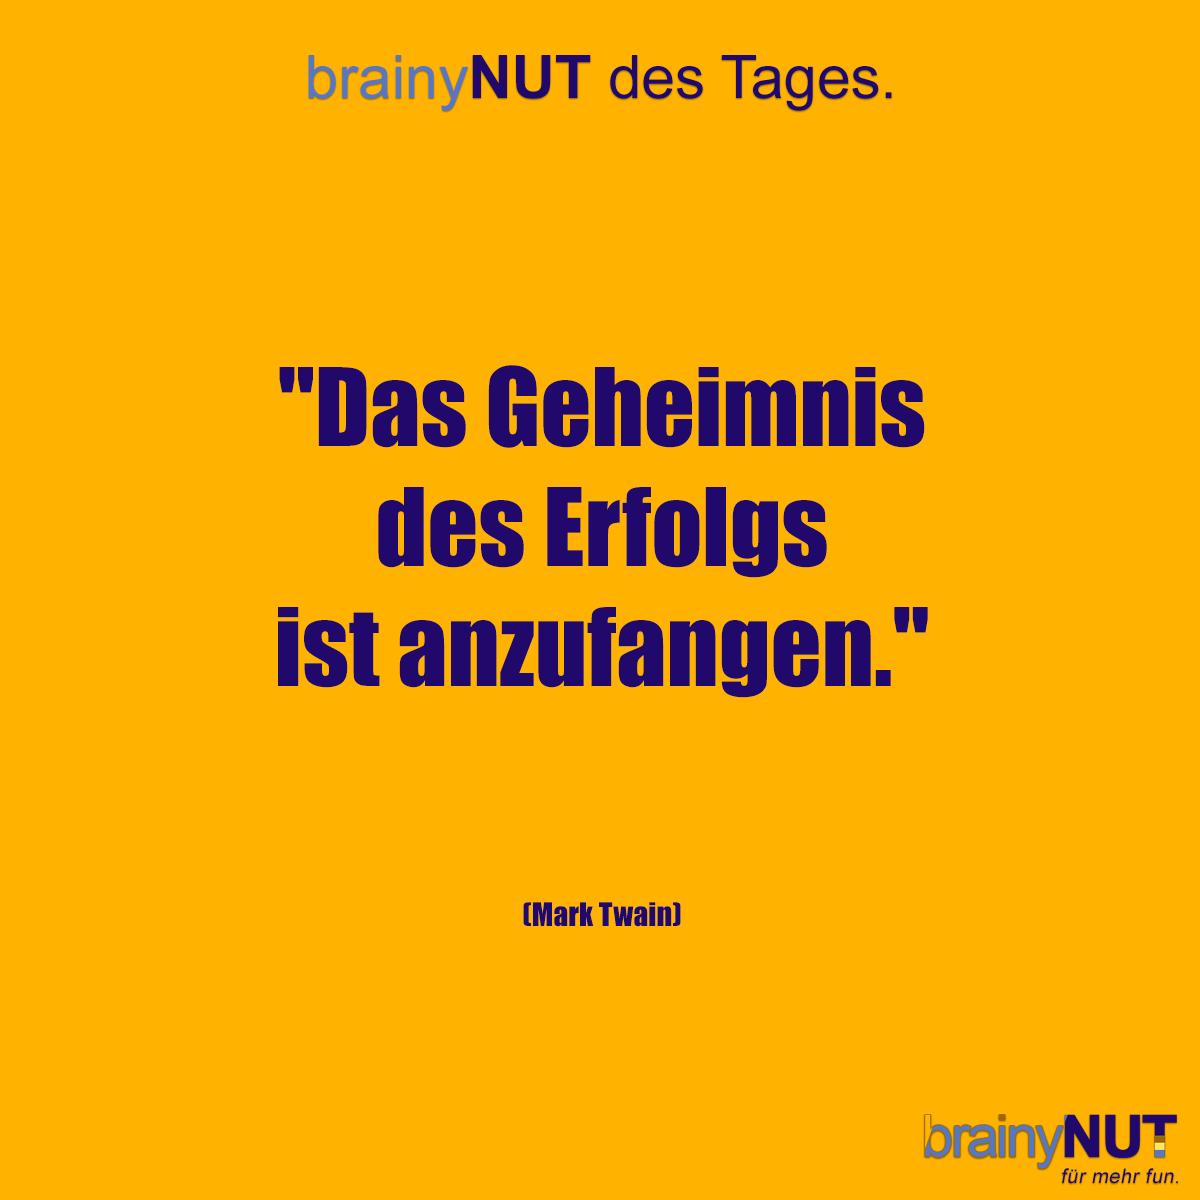 Brainynut Des Tages Brainynut Brainynutdestages